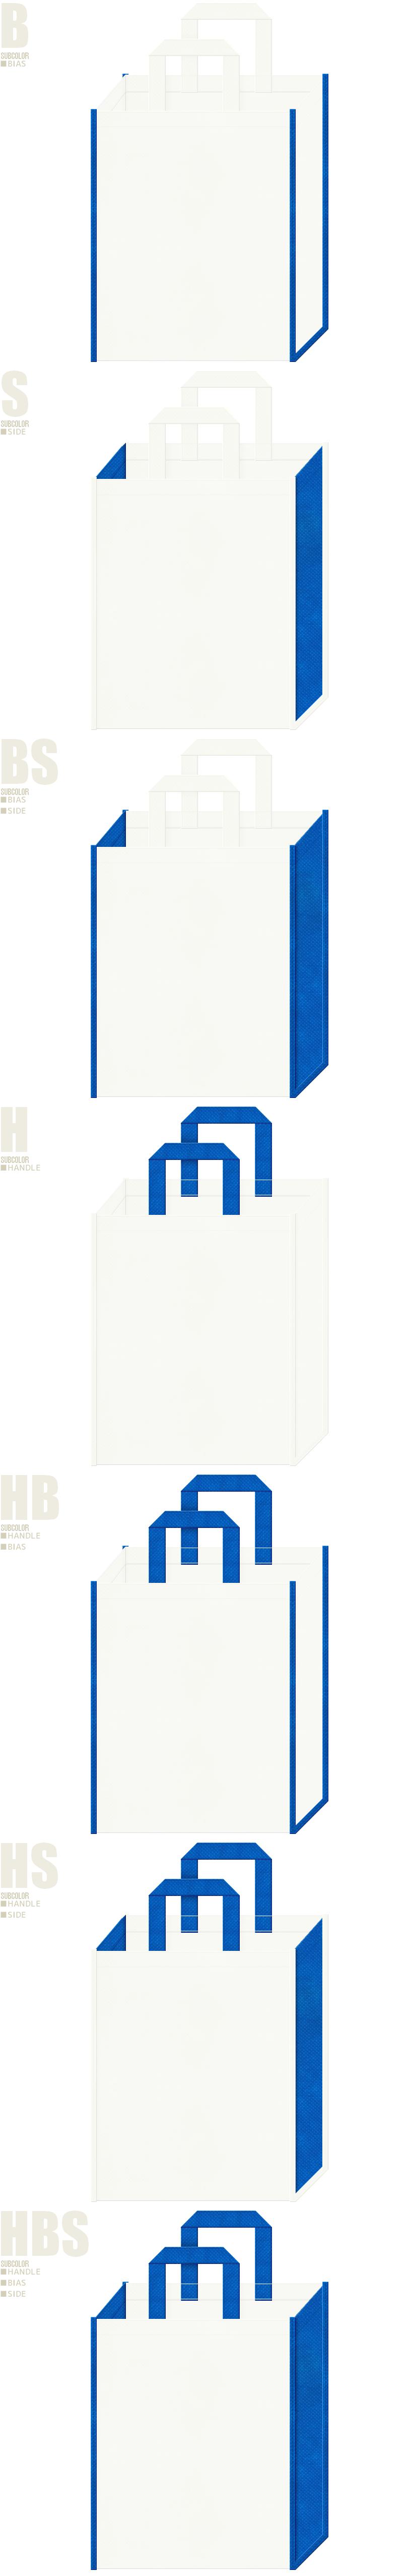 不織布バッグのデザイン:不織布メインカラーNo.12+サブカラーNo.22の2色7パターン